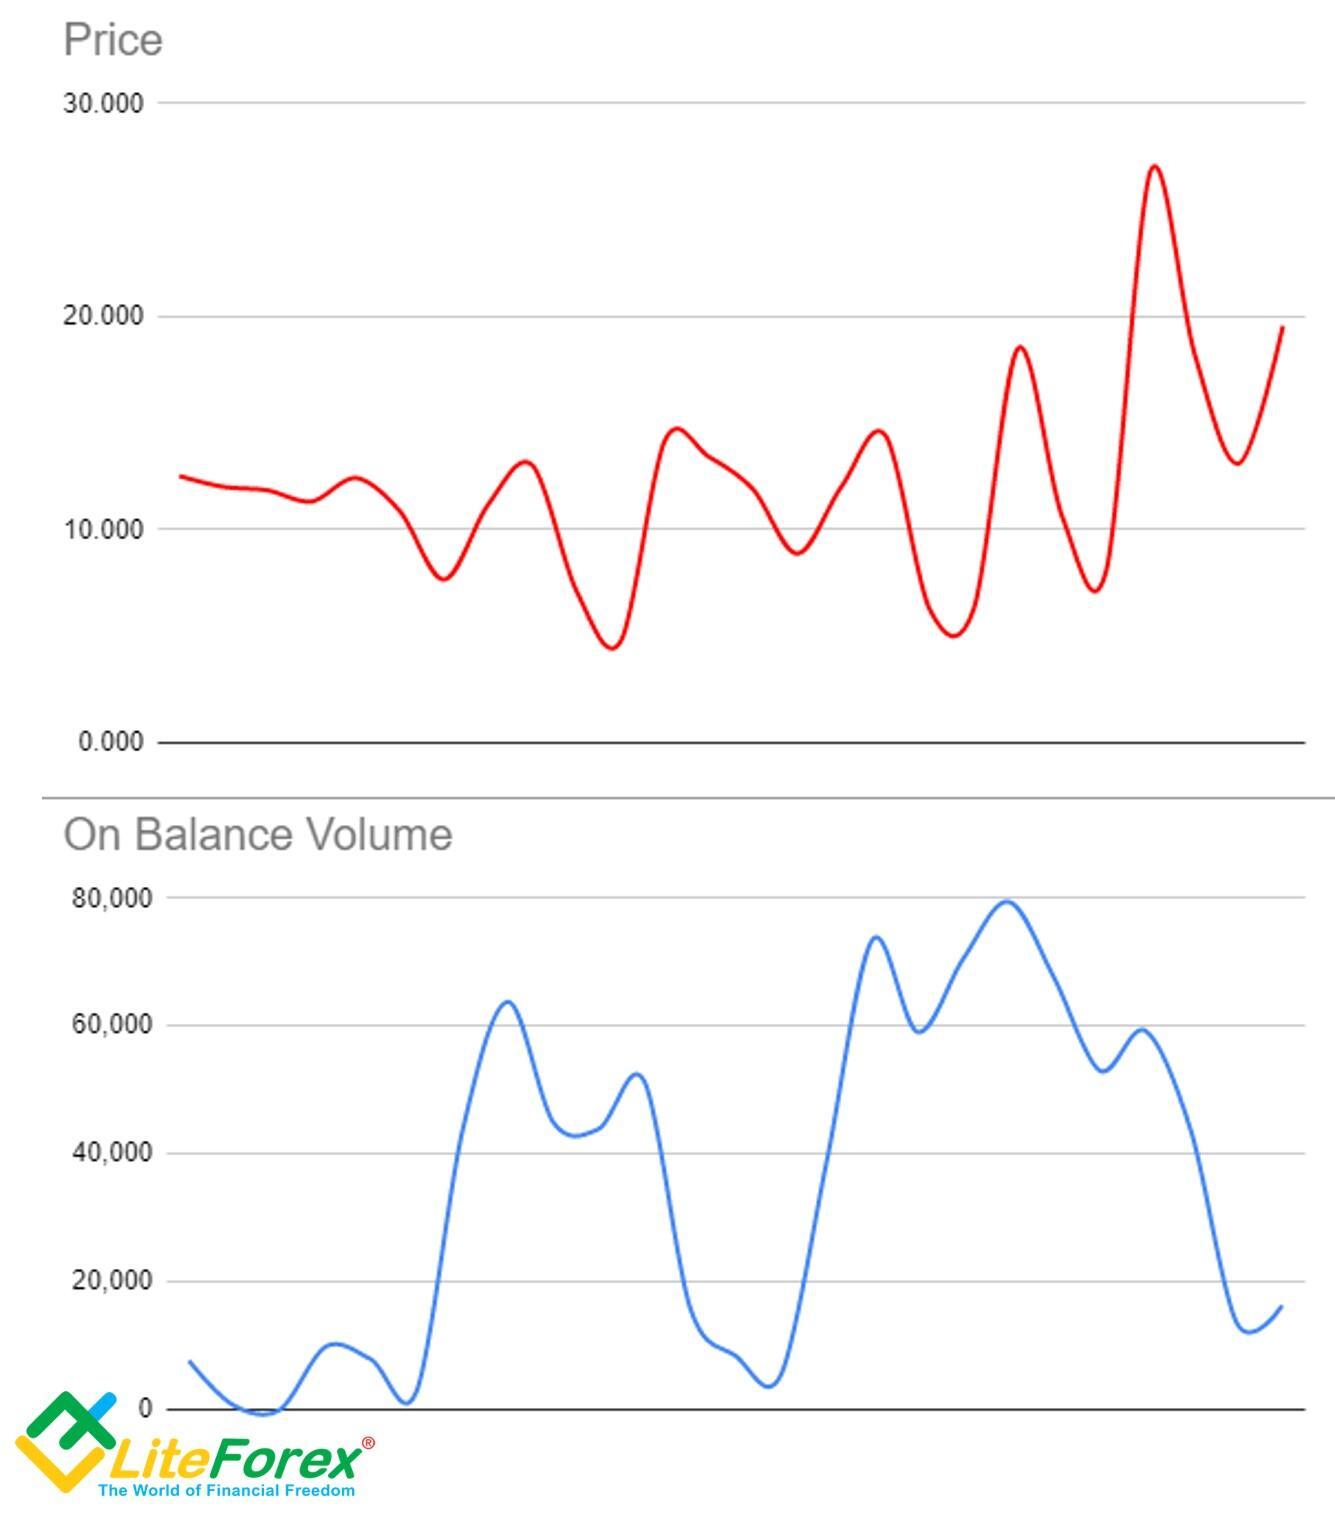 LiteForex: حجم تعادلی (OBV): راهنمای استفاده از حجم تعادلی در معاملات فارکس | لایت فارکس